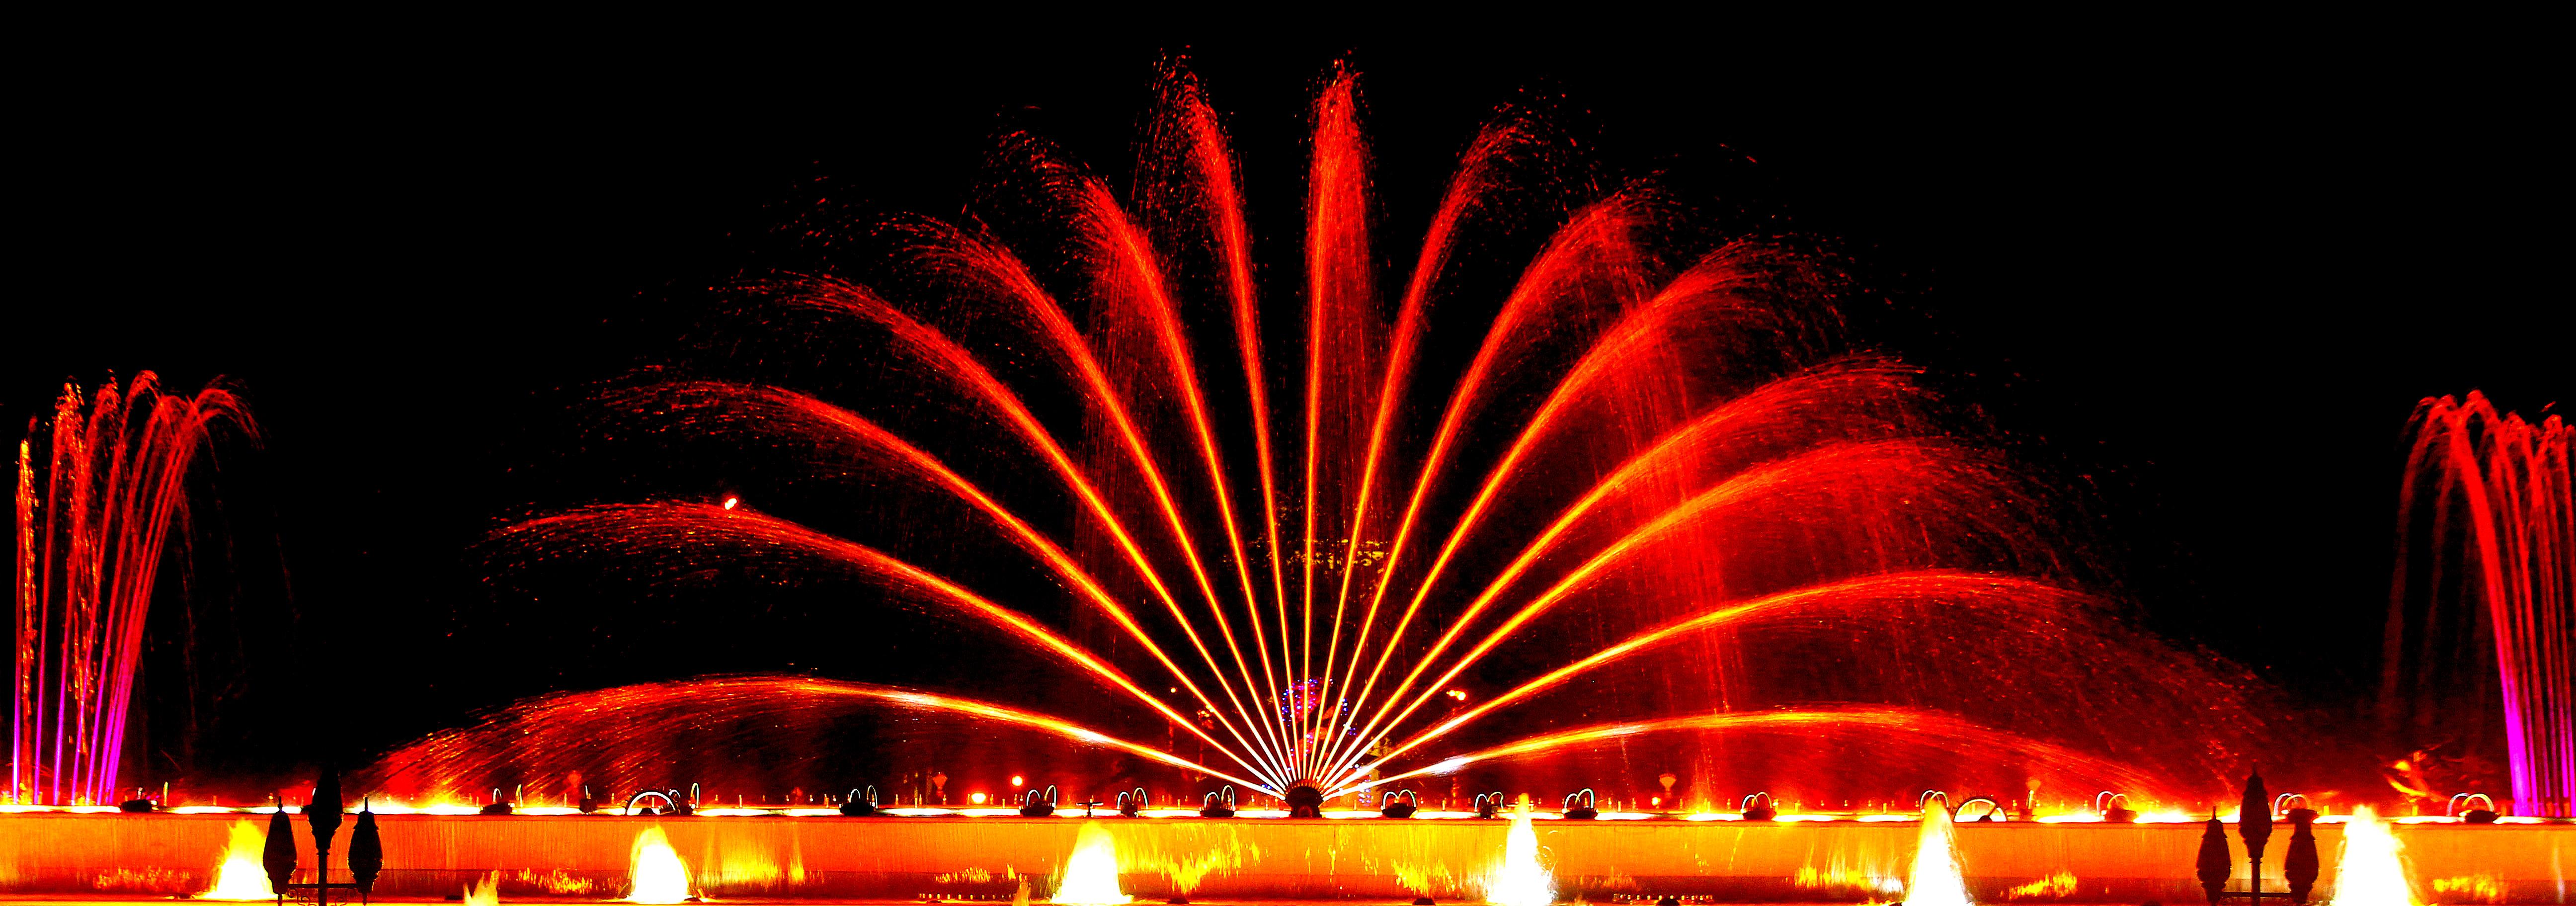 Risultati immagini per fountain of joy calcutta